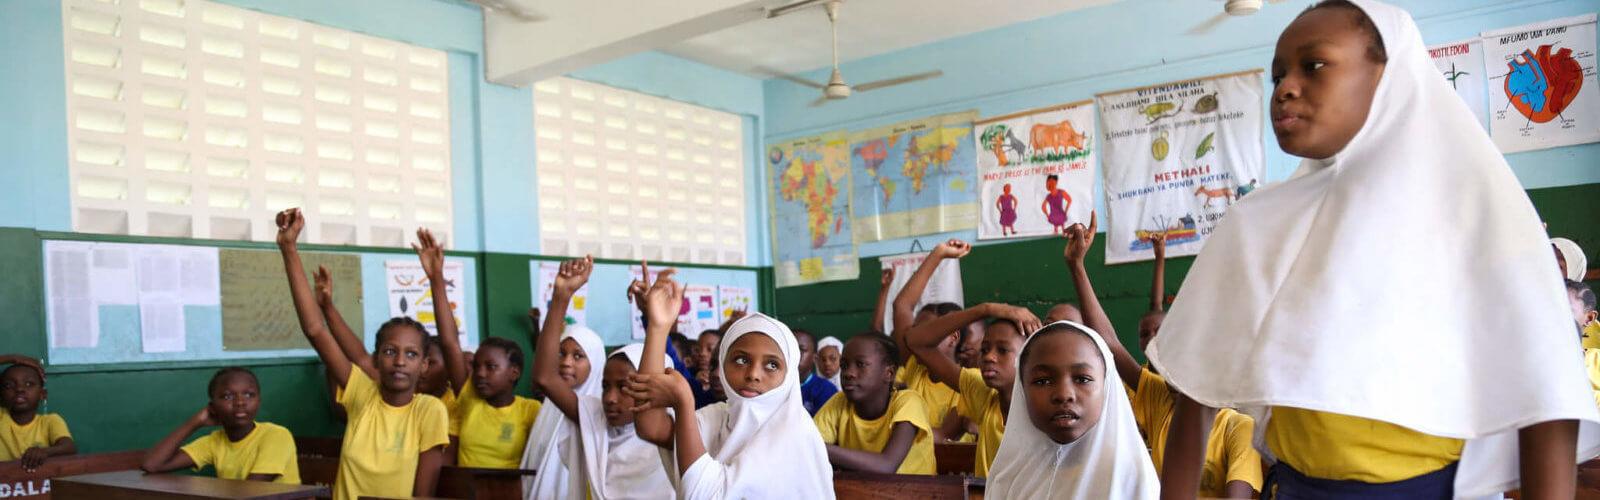 Photo: Sarah Farhat / World Bank Photo ID: 20170317-Tanzania-Farhat-8244